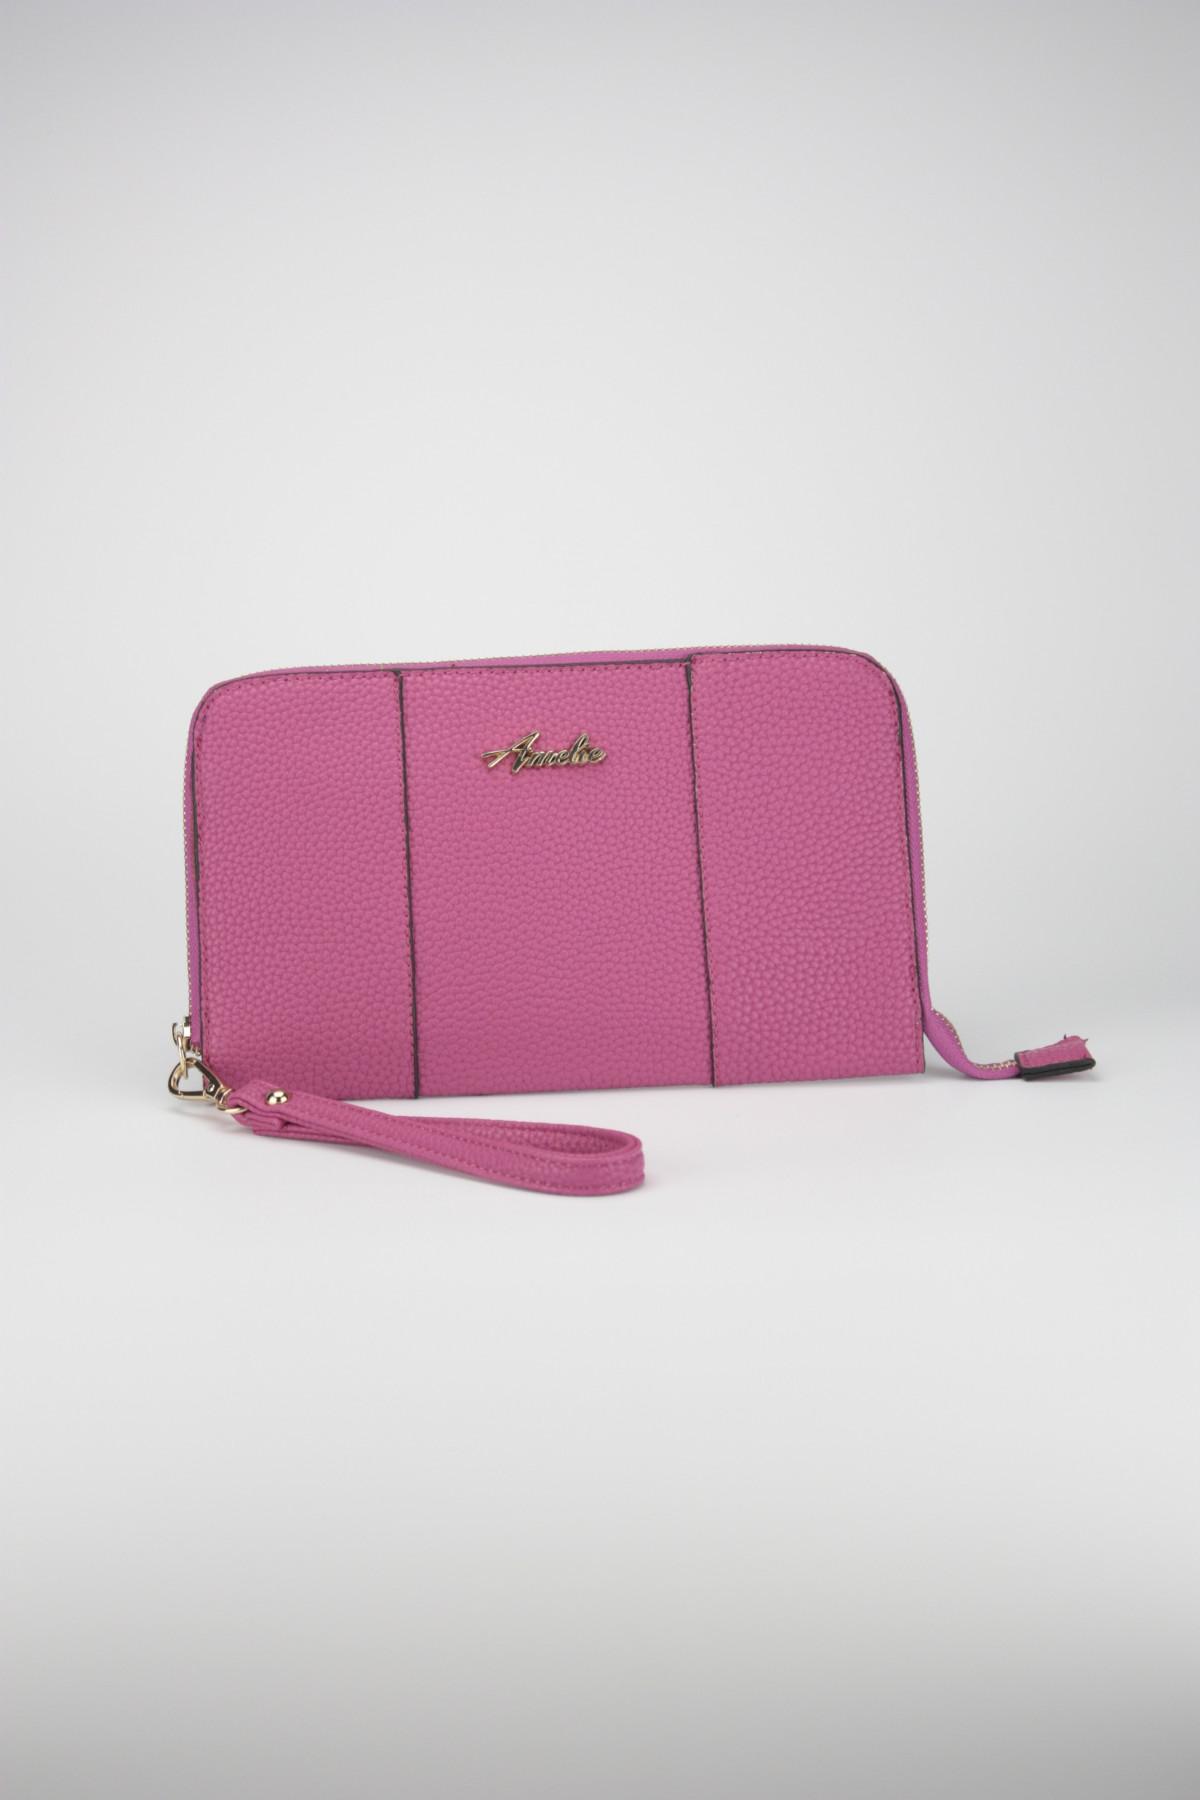 Vaaleanpunainen Olkalaukku : Ilmaisia kuvia nahka nainen raha muoti